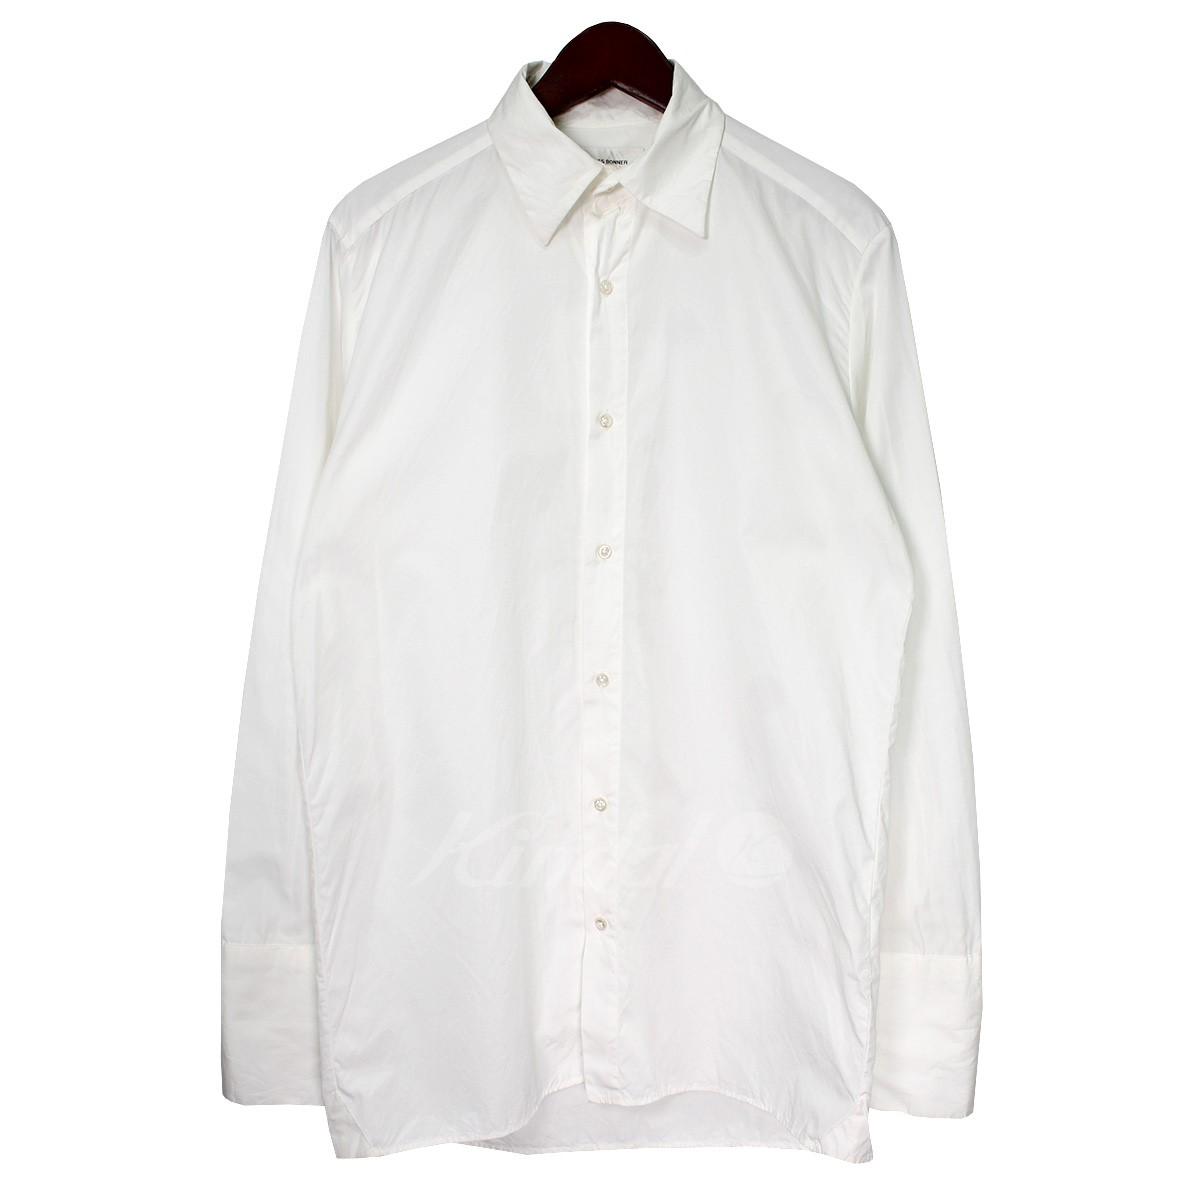 【中古】Wales Bonner ドレスシャツ 【送料無料】 【006698】 【KIND1550】